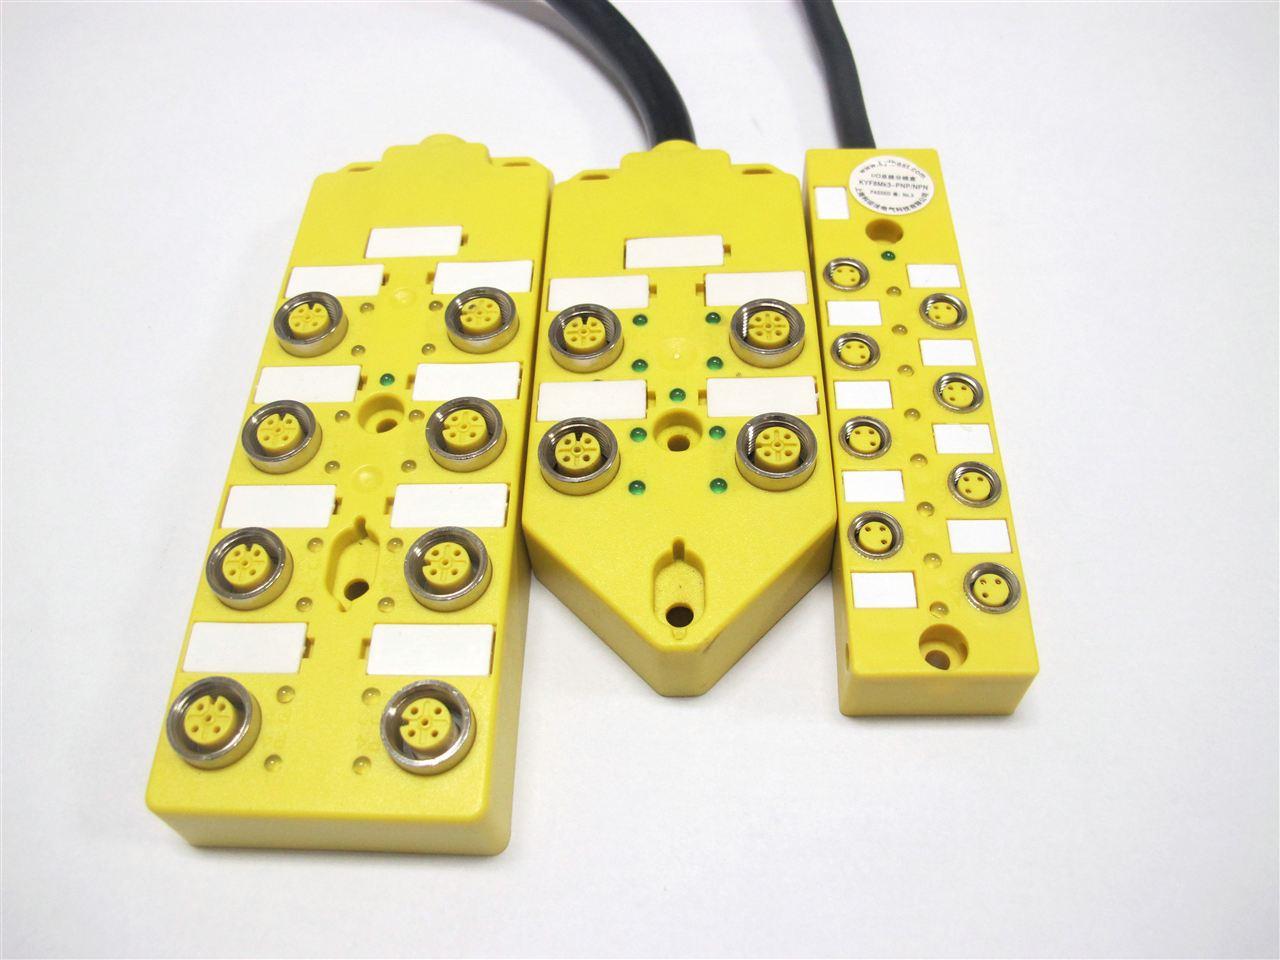 科迎法特别值得指出的是M12多接口分线盒是为实现从控制柜到现场一致的插入解决方案而设计的。